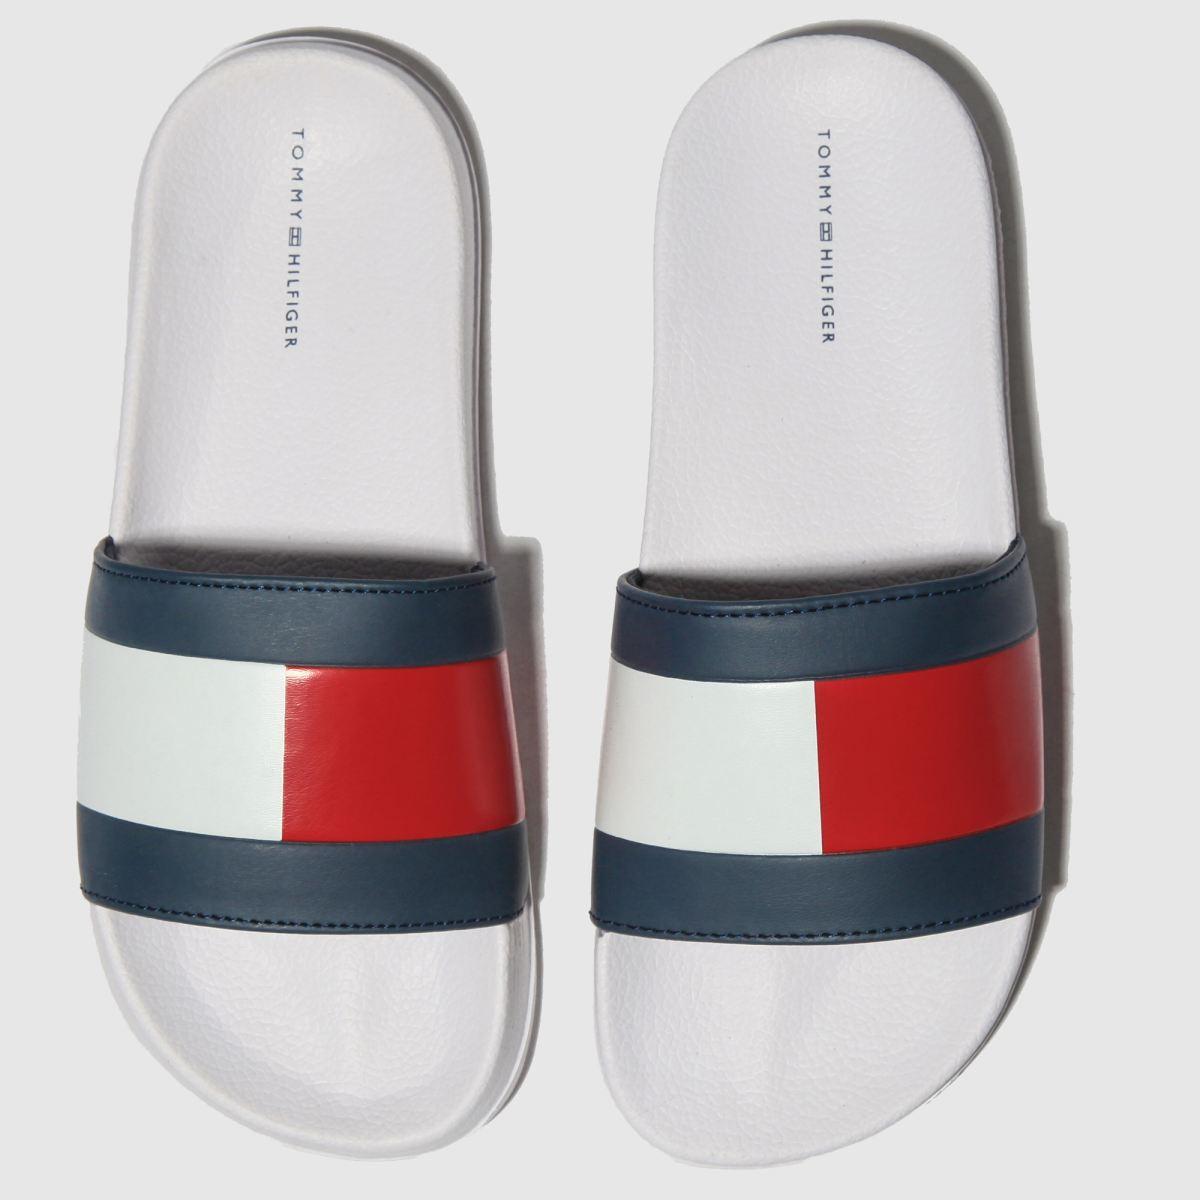 Tommy Hilfiger White & Navy Flag Pool Slide Sandals Junior